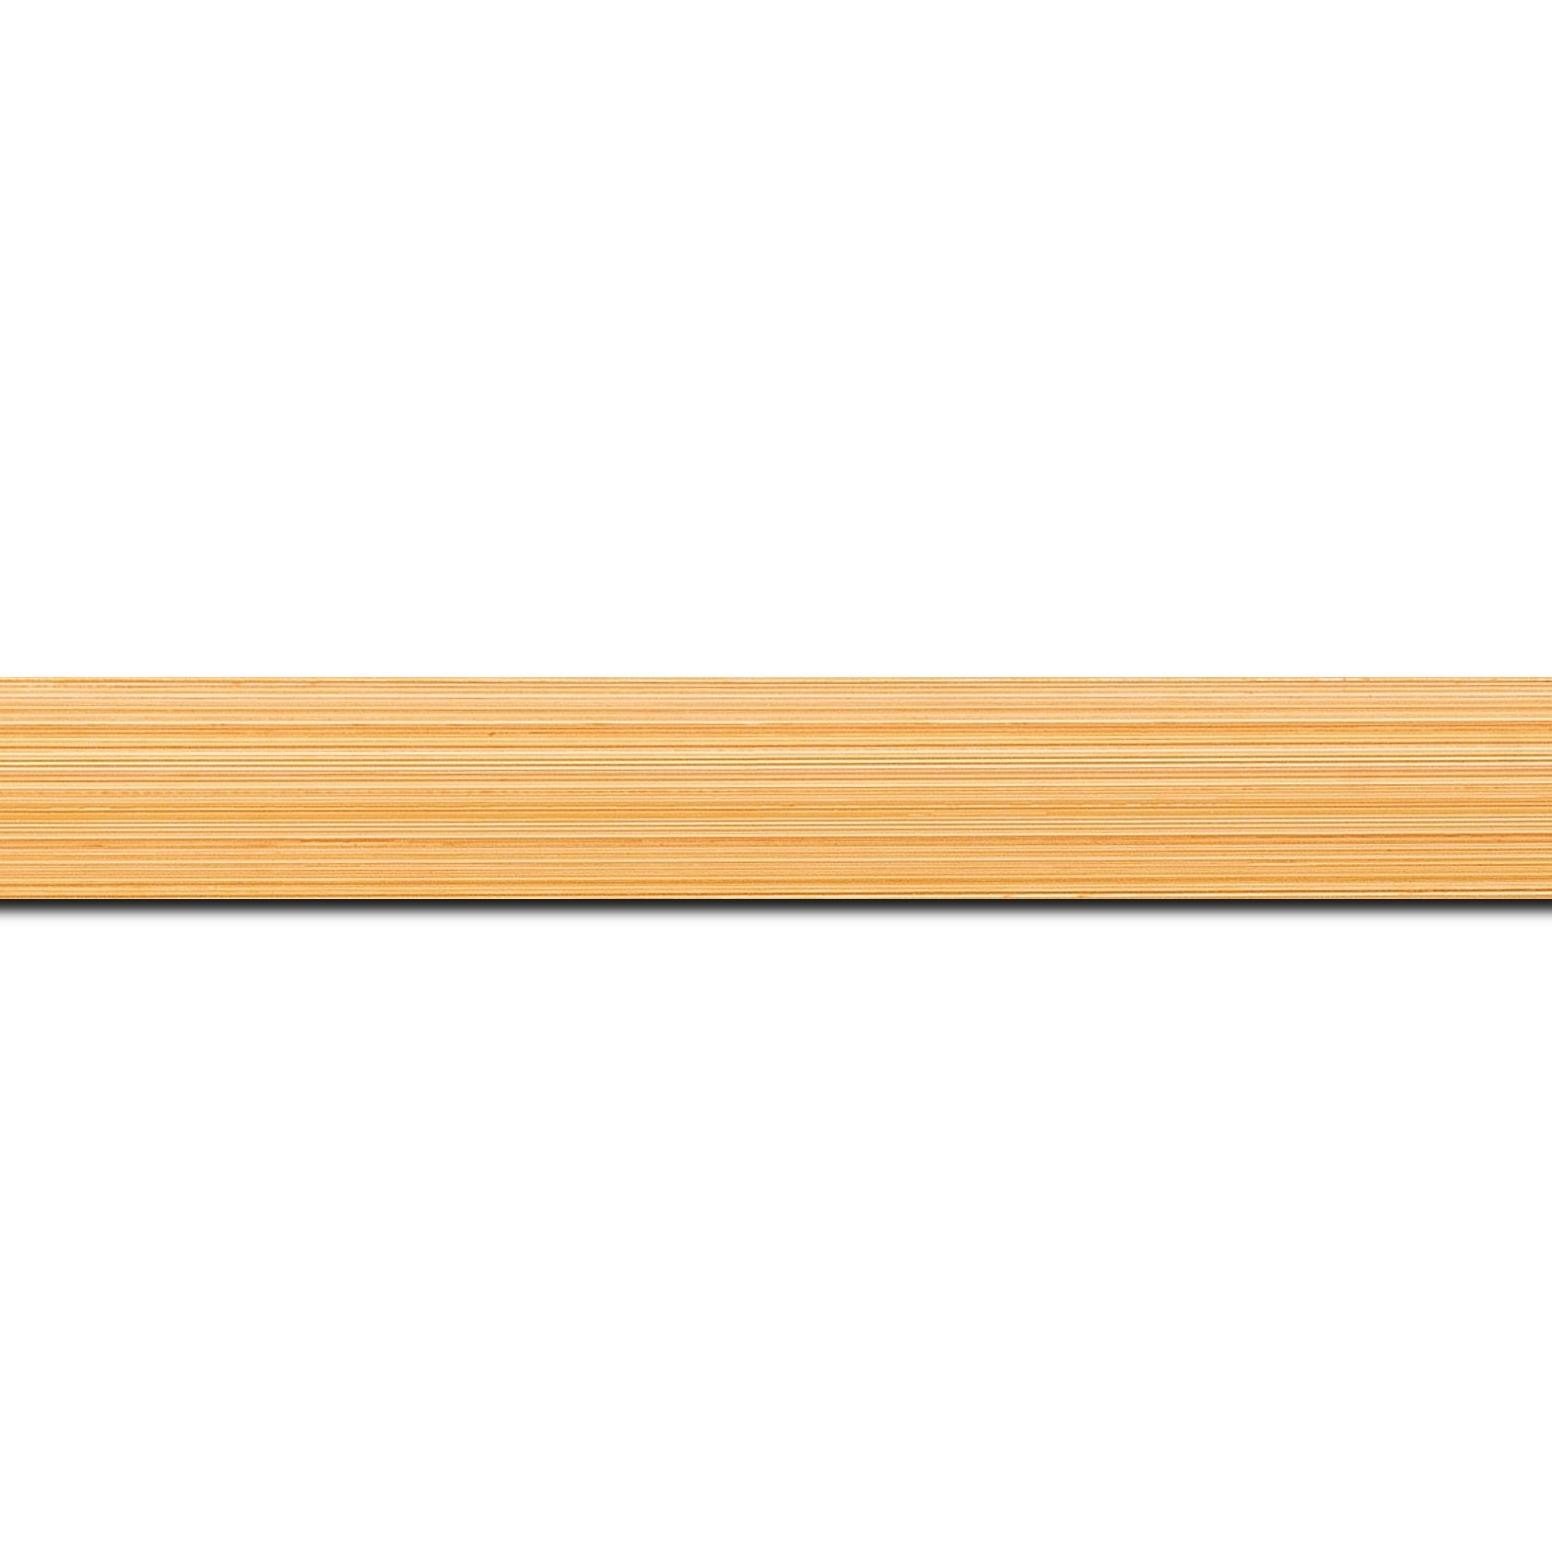 Baguette longueur 1.40m bois profil concave largeur 2.4cm couleur orange effet matière fond blanc